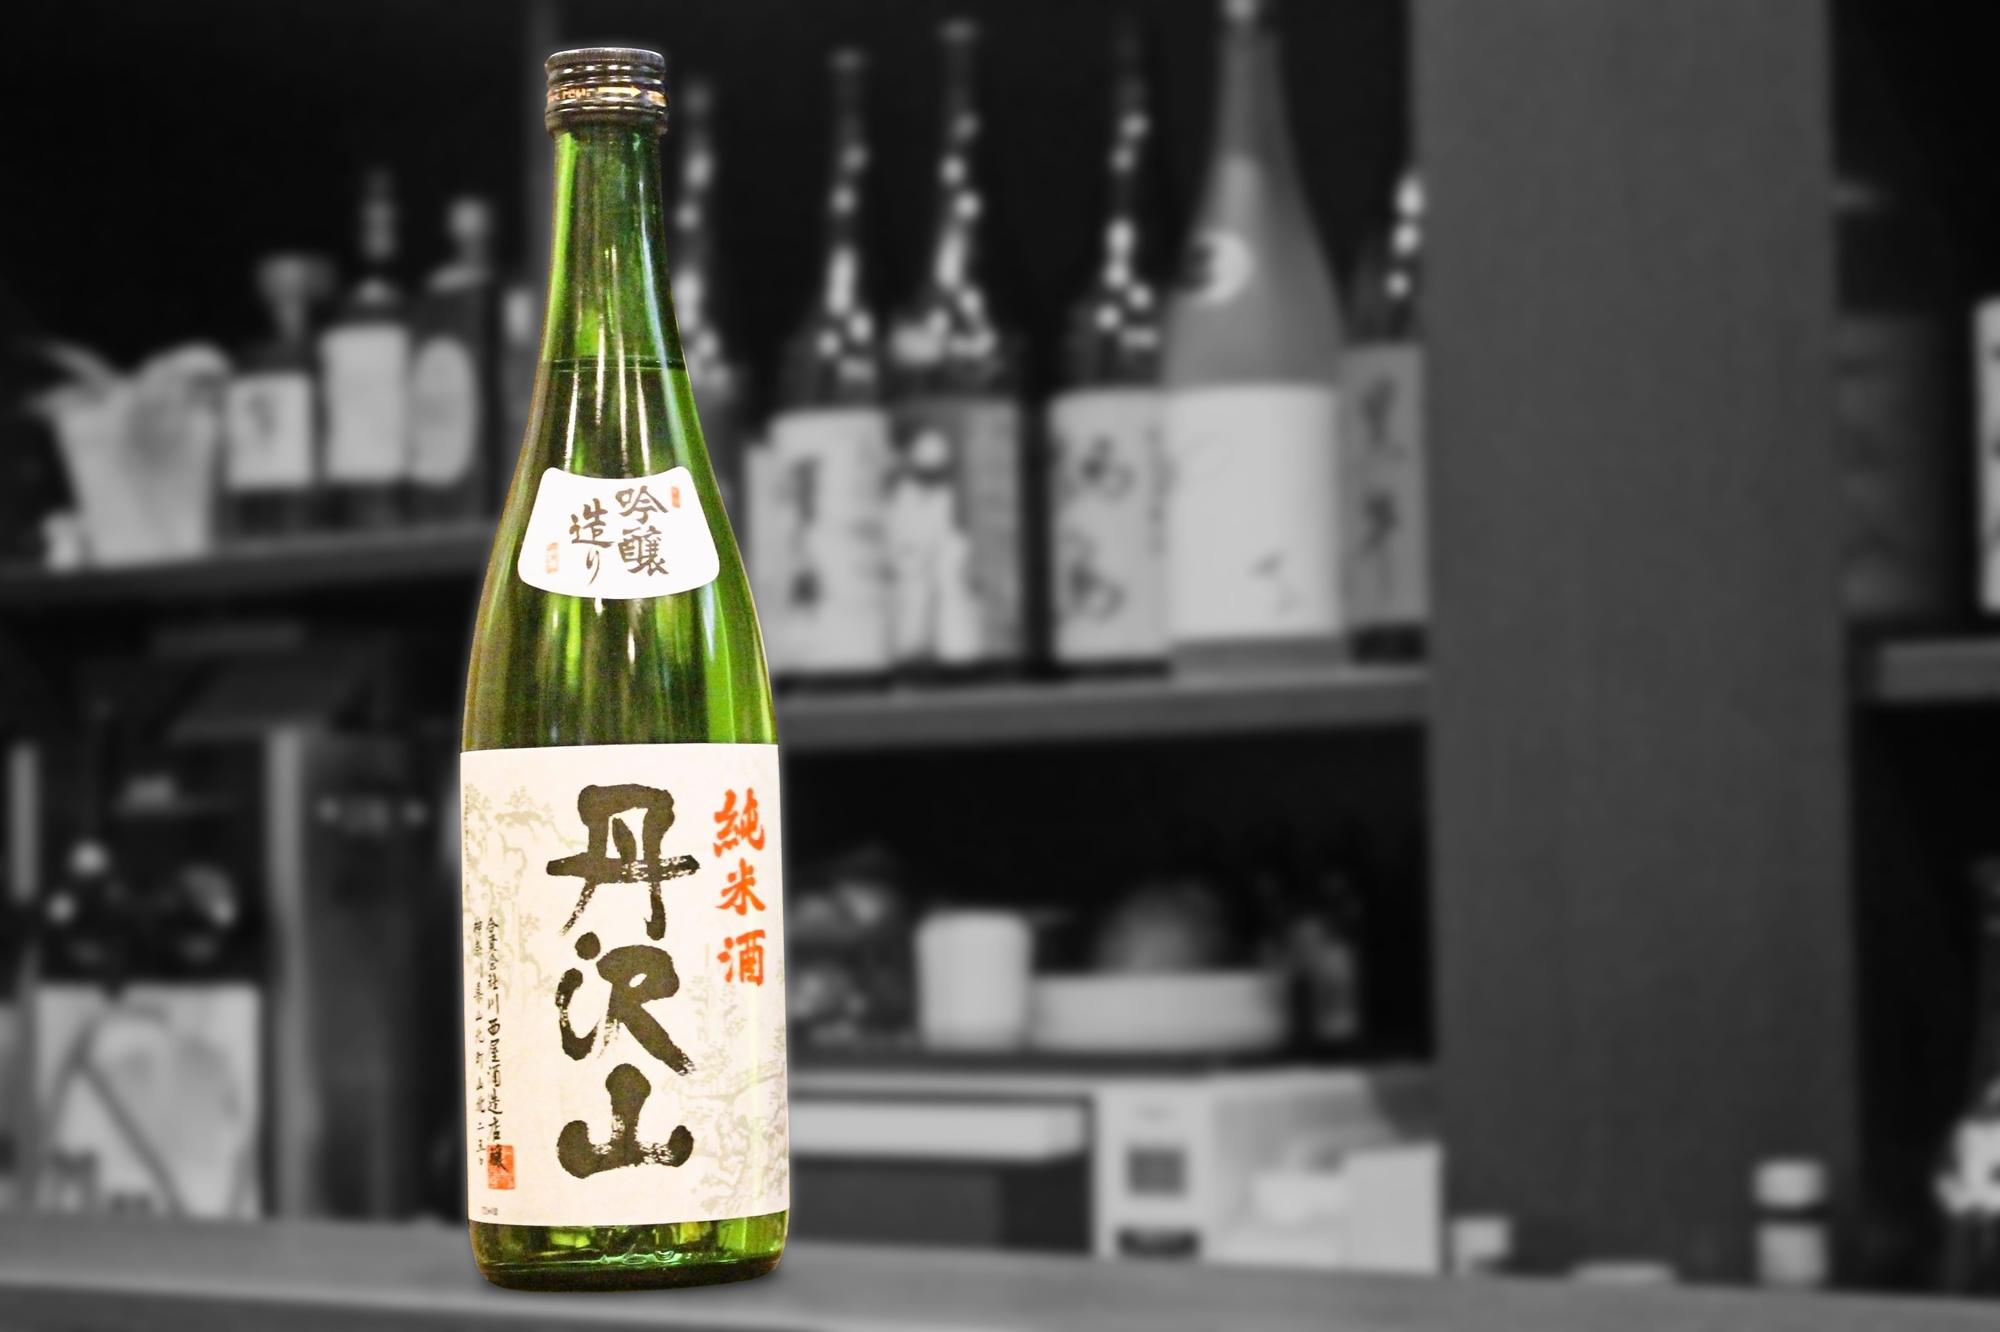 丹沢山純米酒吟醸造り202102-001